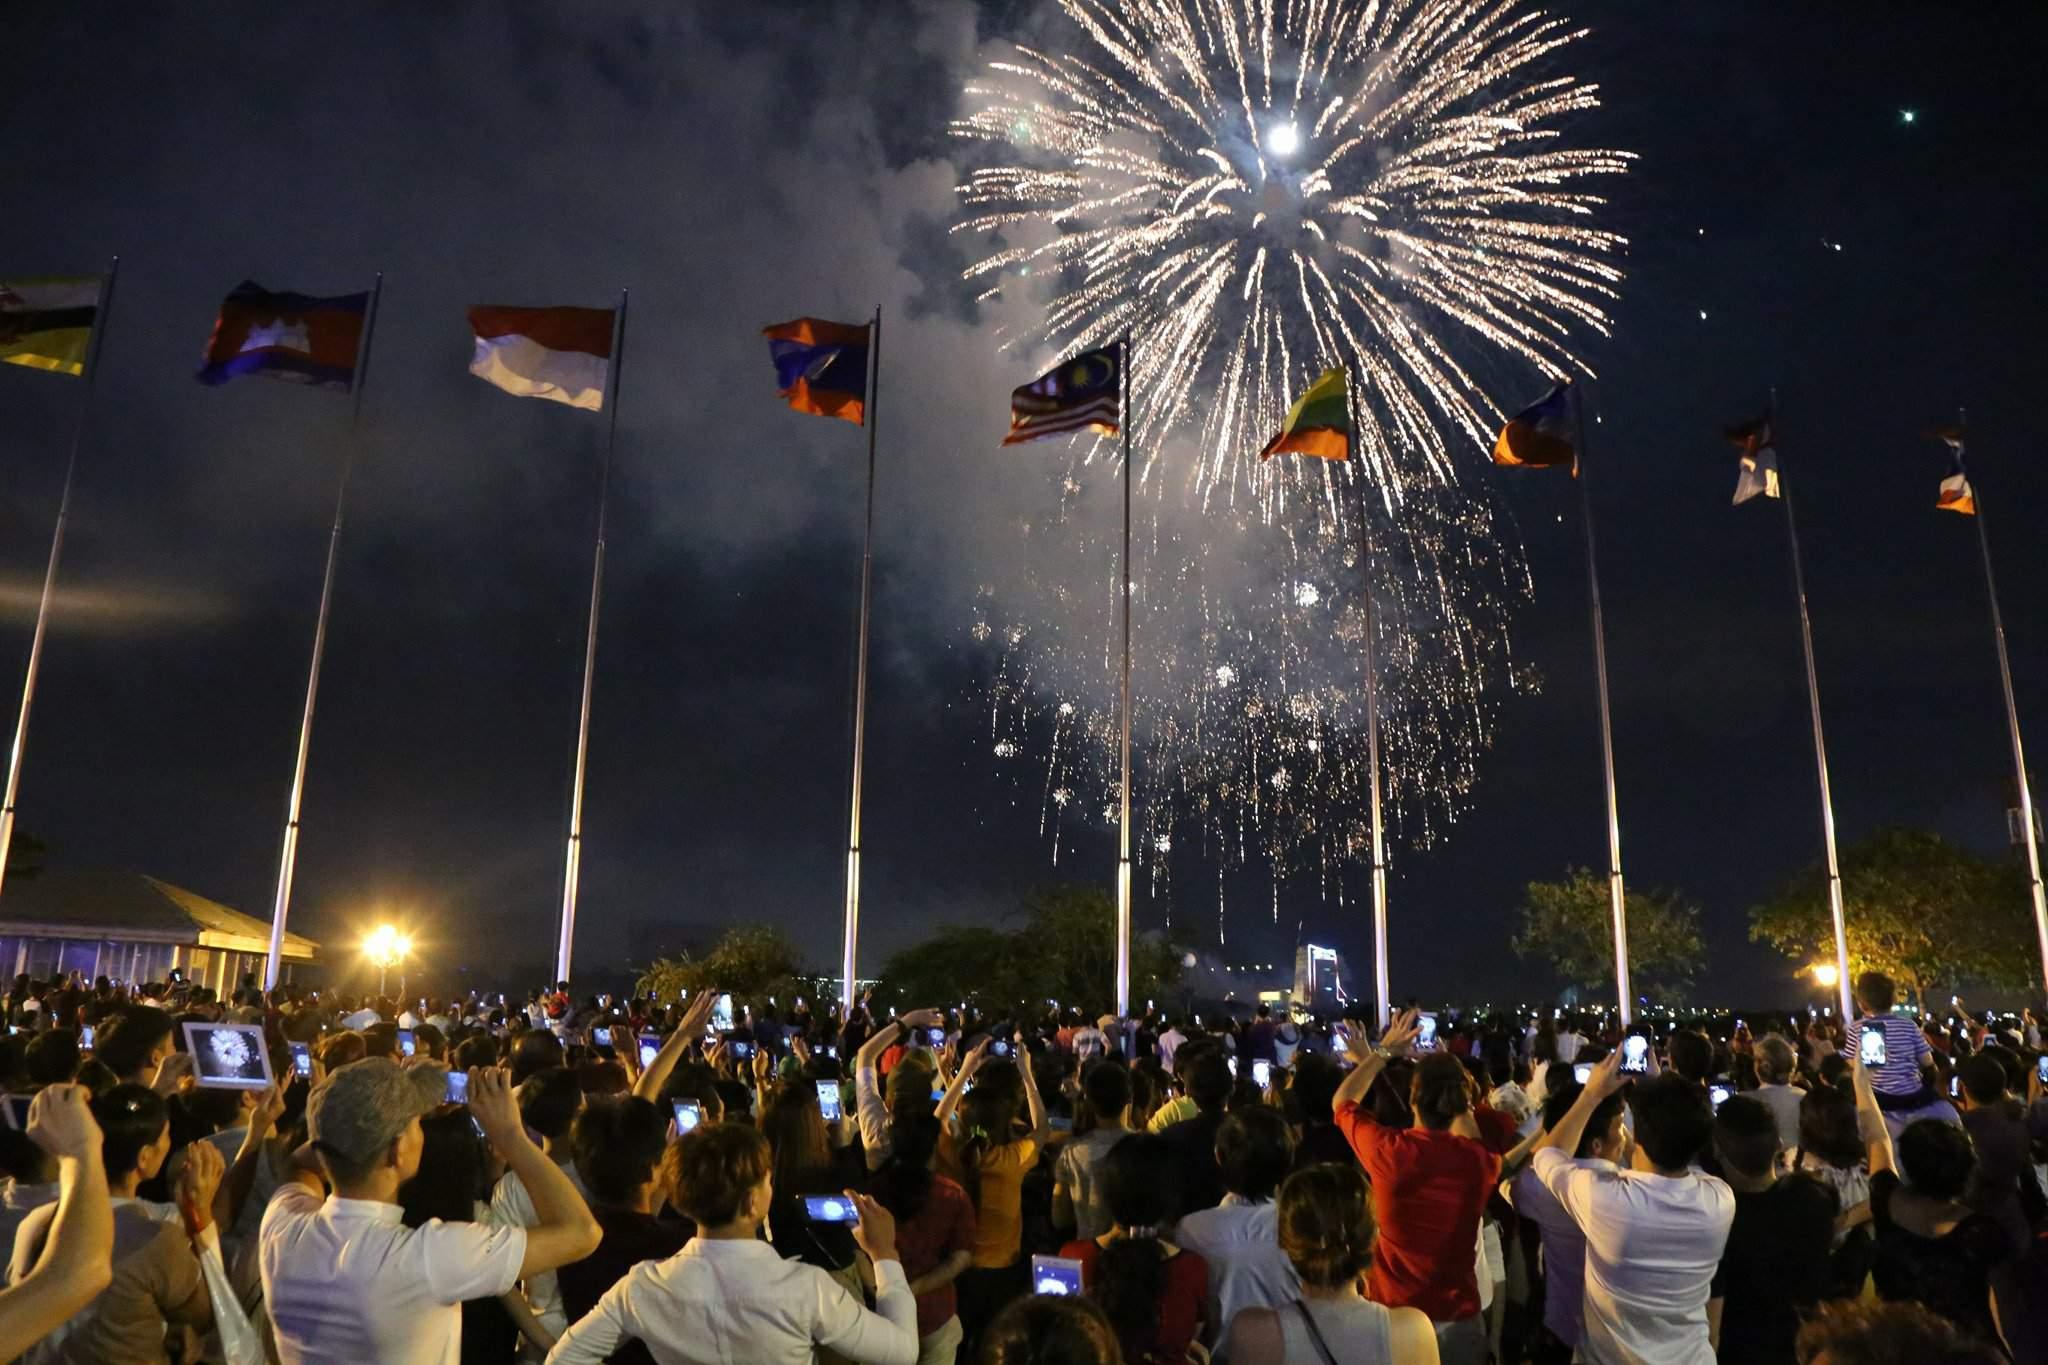 Pháo hoa rực sáng trên bầu trời Sài Gòn mừng lễ 30/4-6